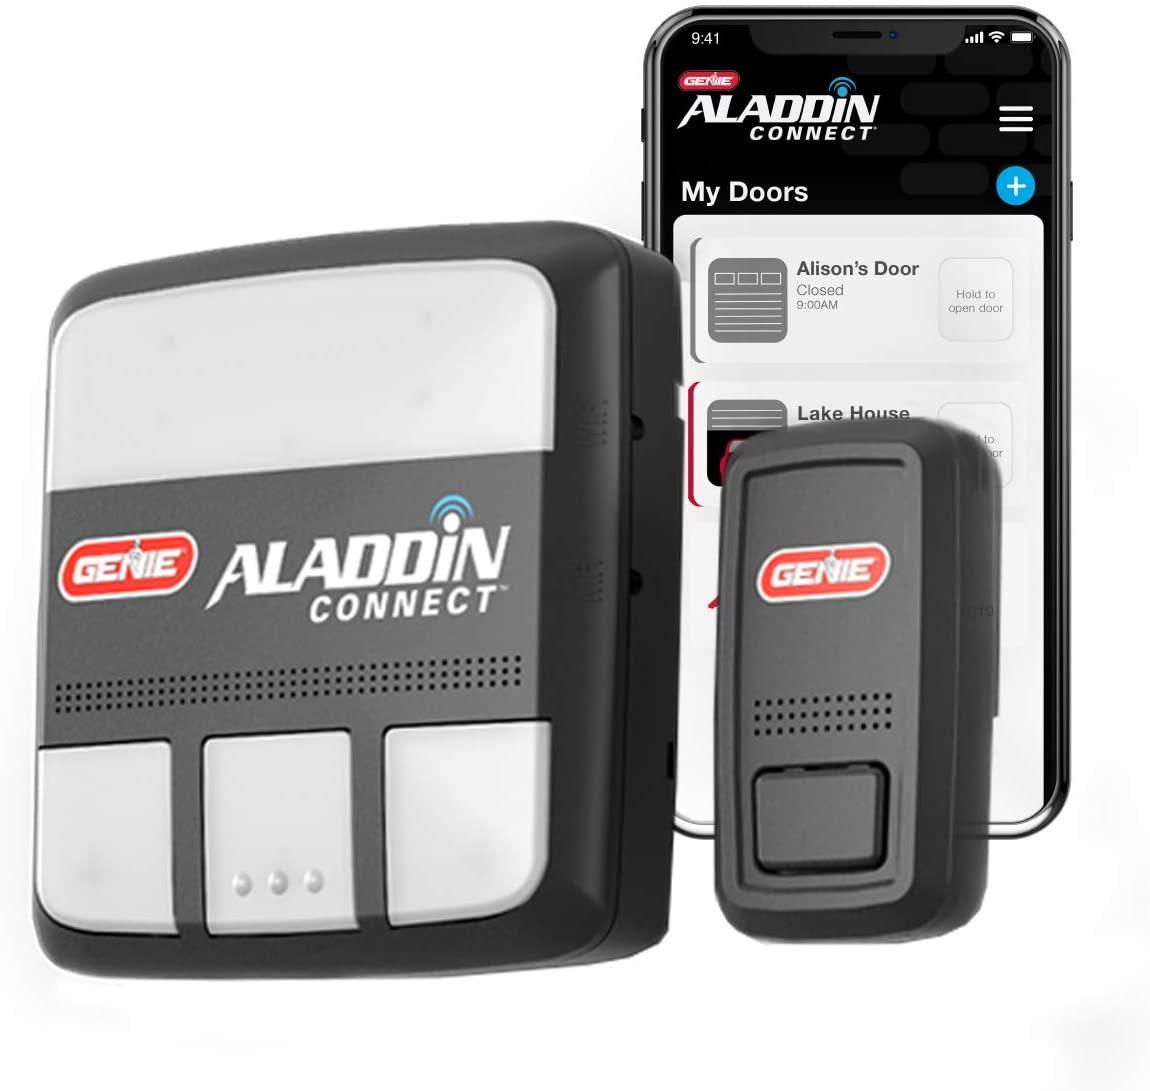 Genie ALKT1-R Aladdin Connect Smart Door Garage Opener